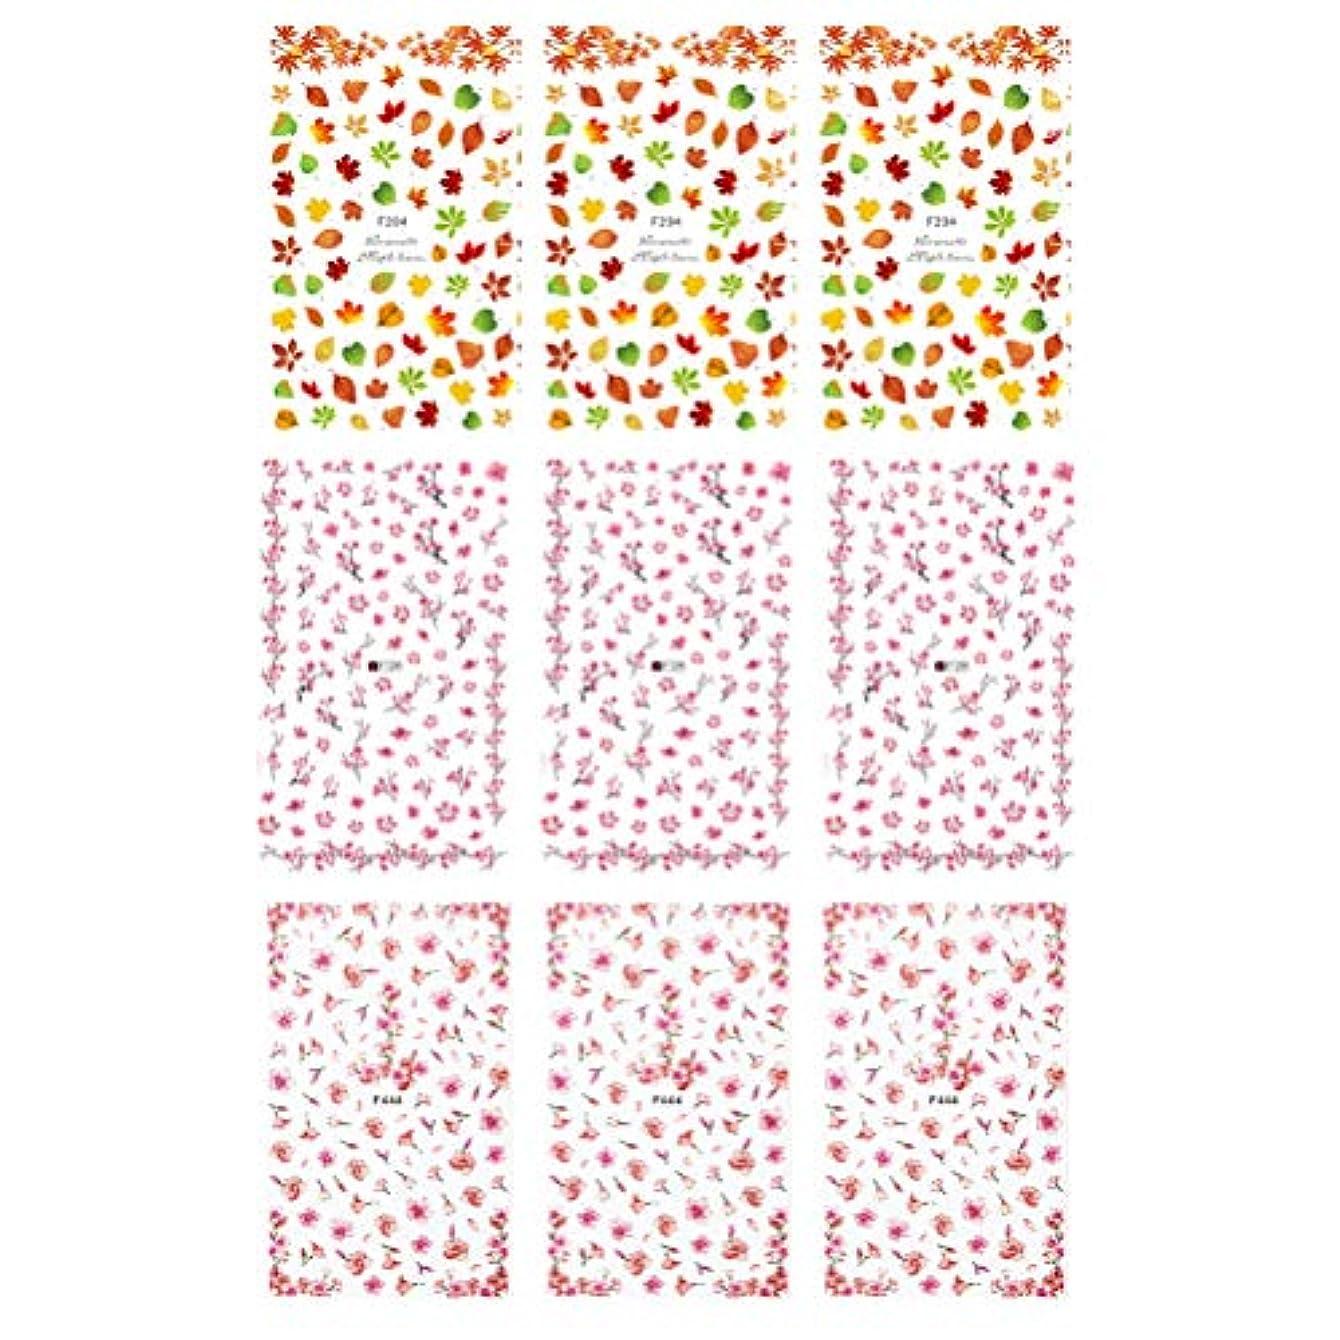 けがをする教室こっそりFrcolor ネイルシール 花 3D ネイルステッカー 水彩風 ネイルホイル ももの花 桜 ネイルアートシール 爪に貼るだけ マニキュア 3種類 9枚セット